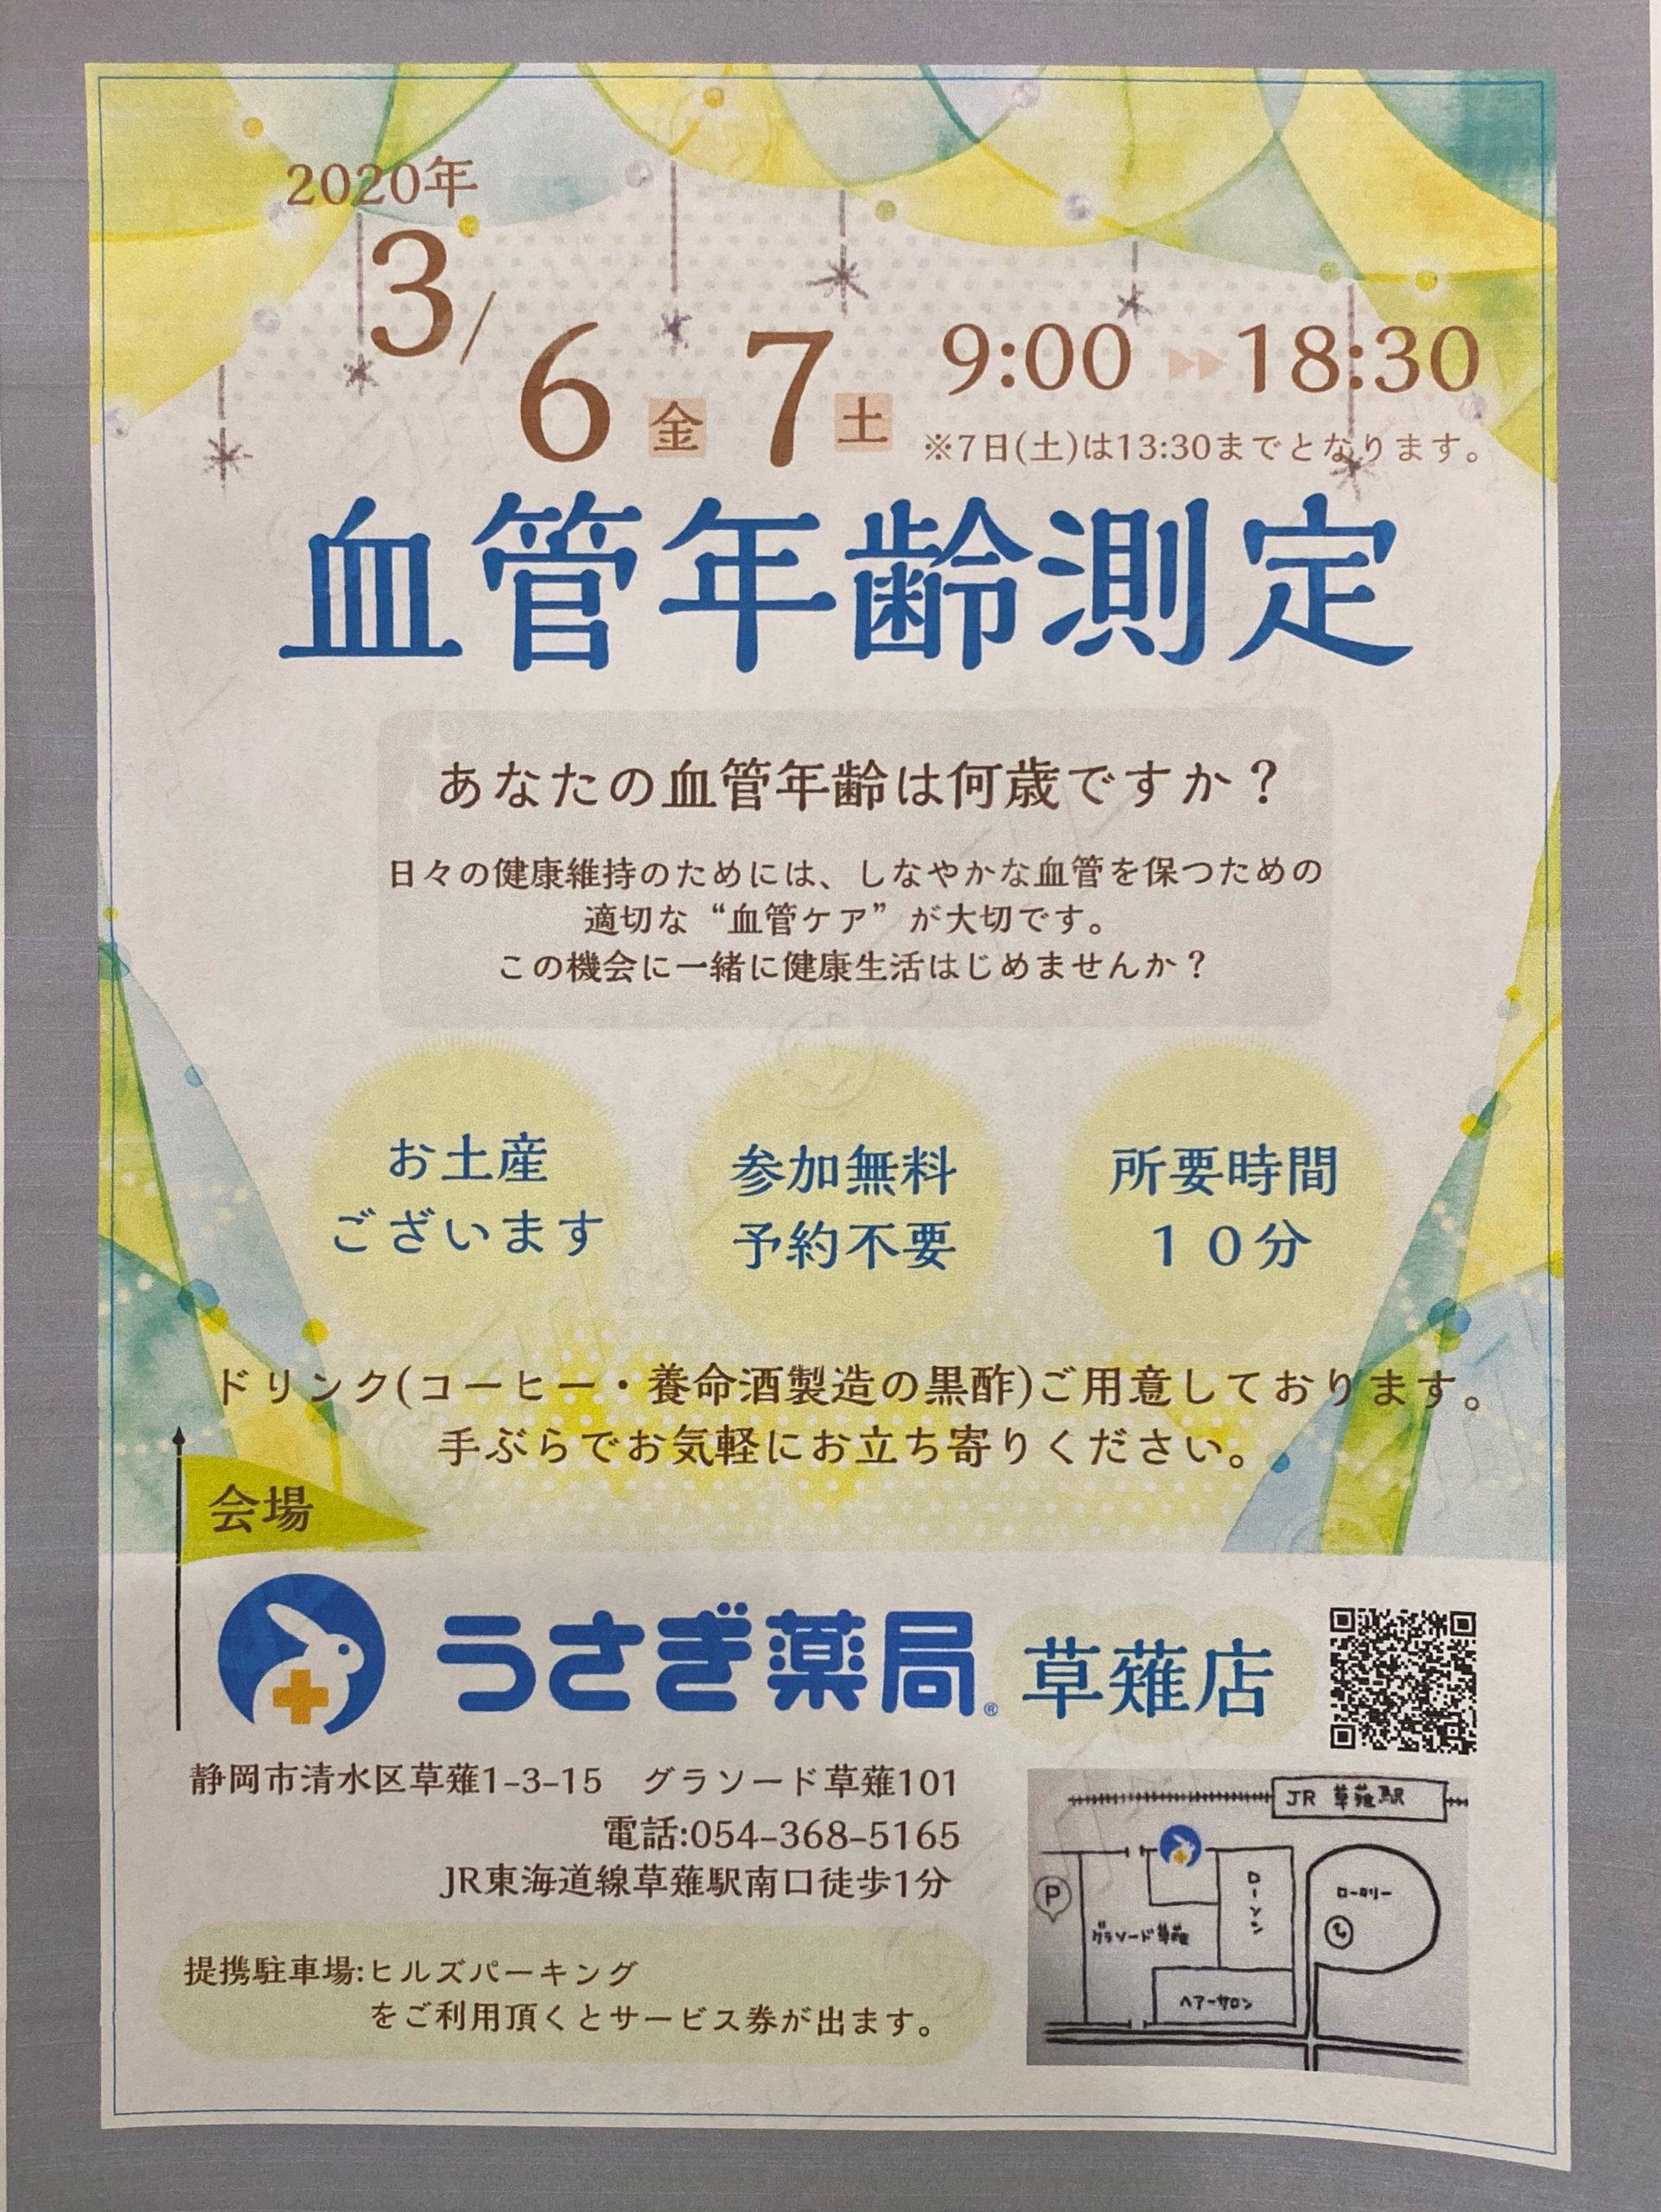 ☆【うさぎ薬局草薙店】イベント情報☆